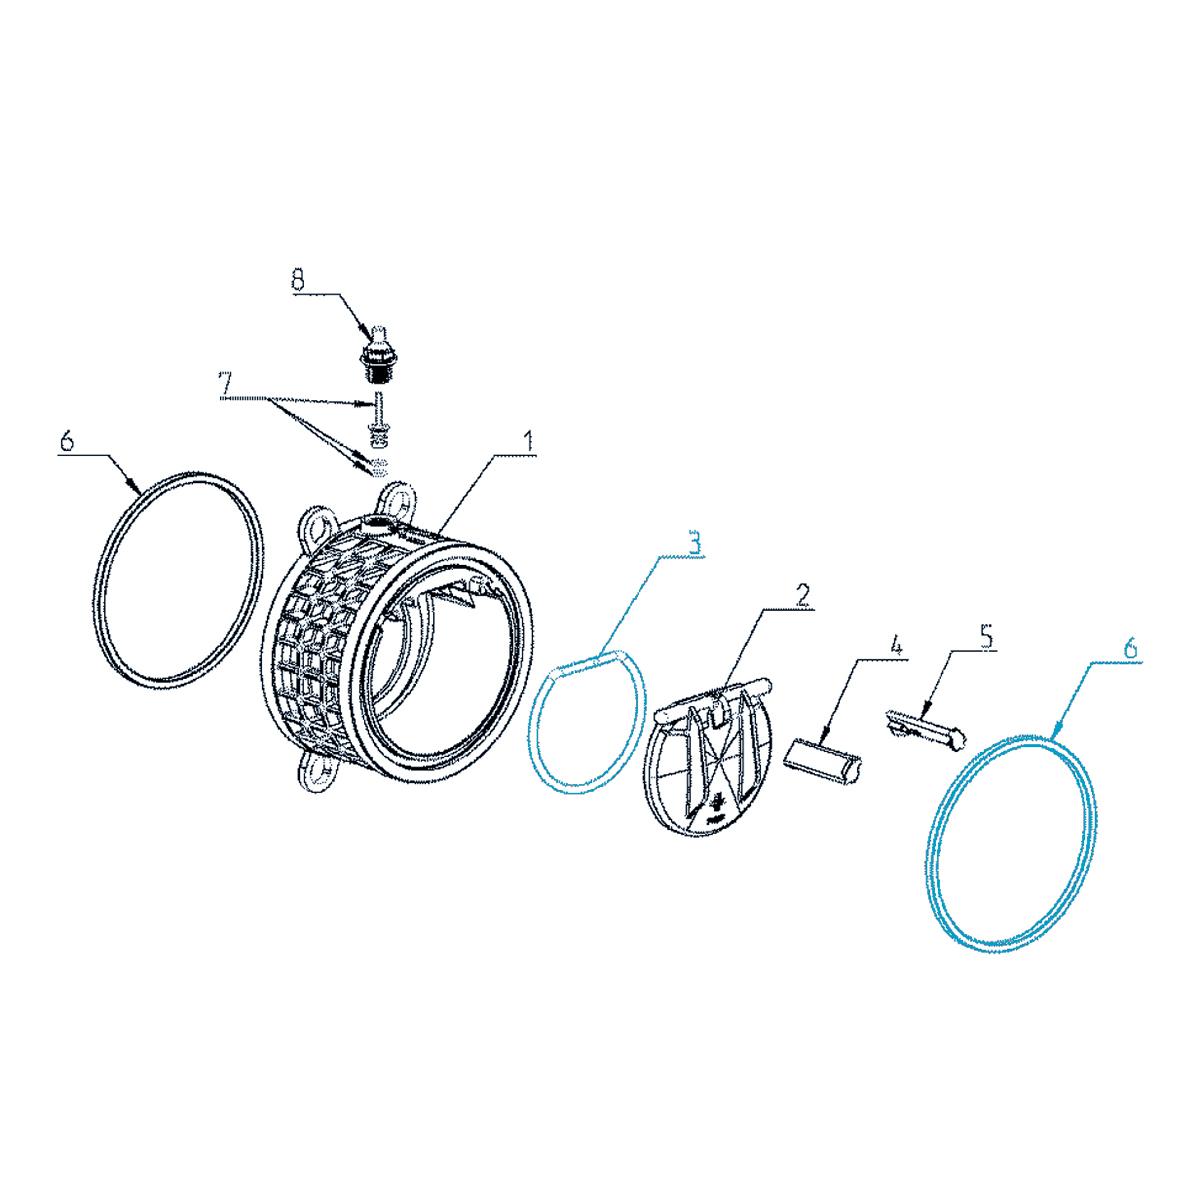 Sealing set EPDM + 2x o-ring for indication pin Sealing set EPDM + 2x o-ring for indication pin